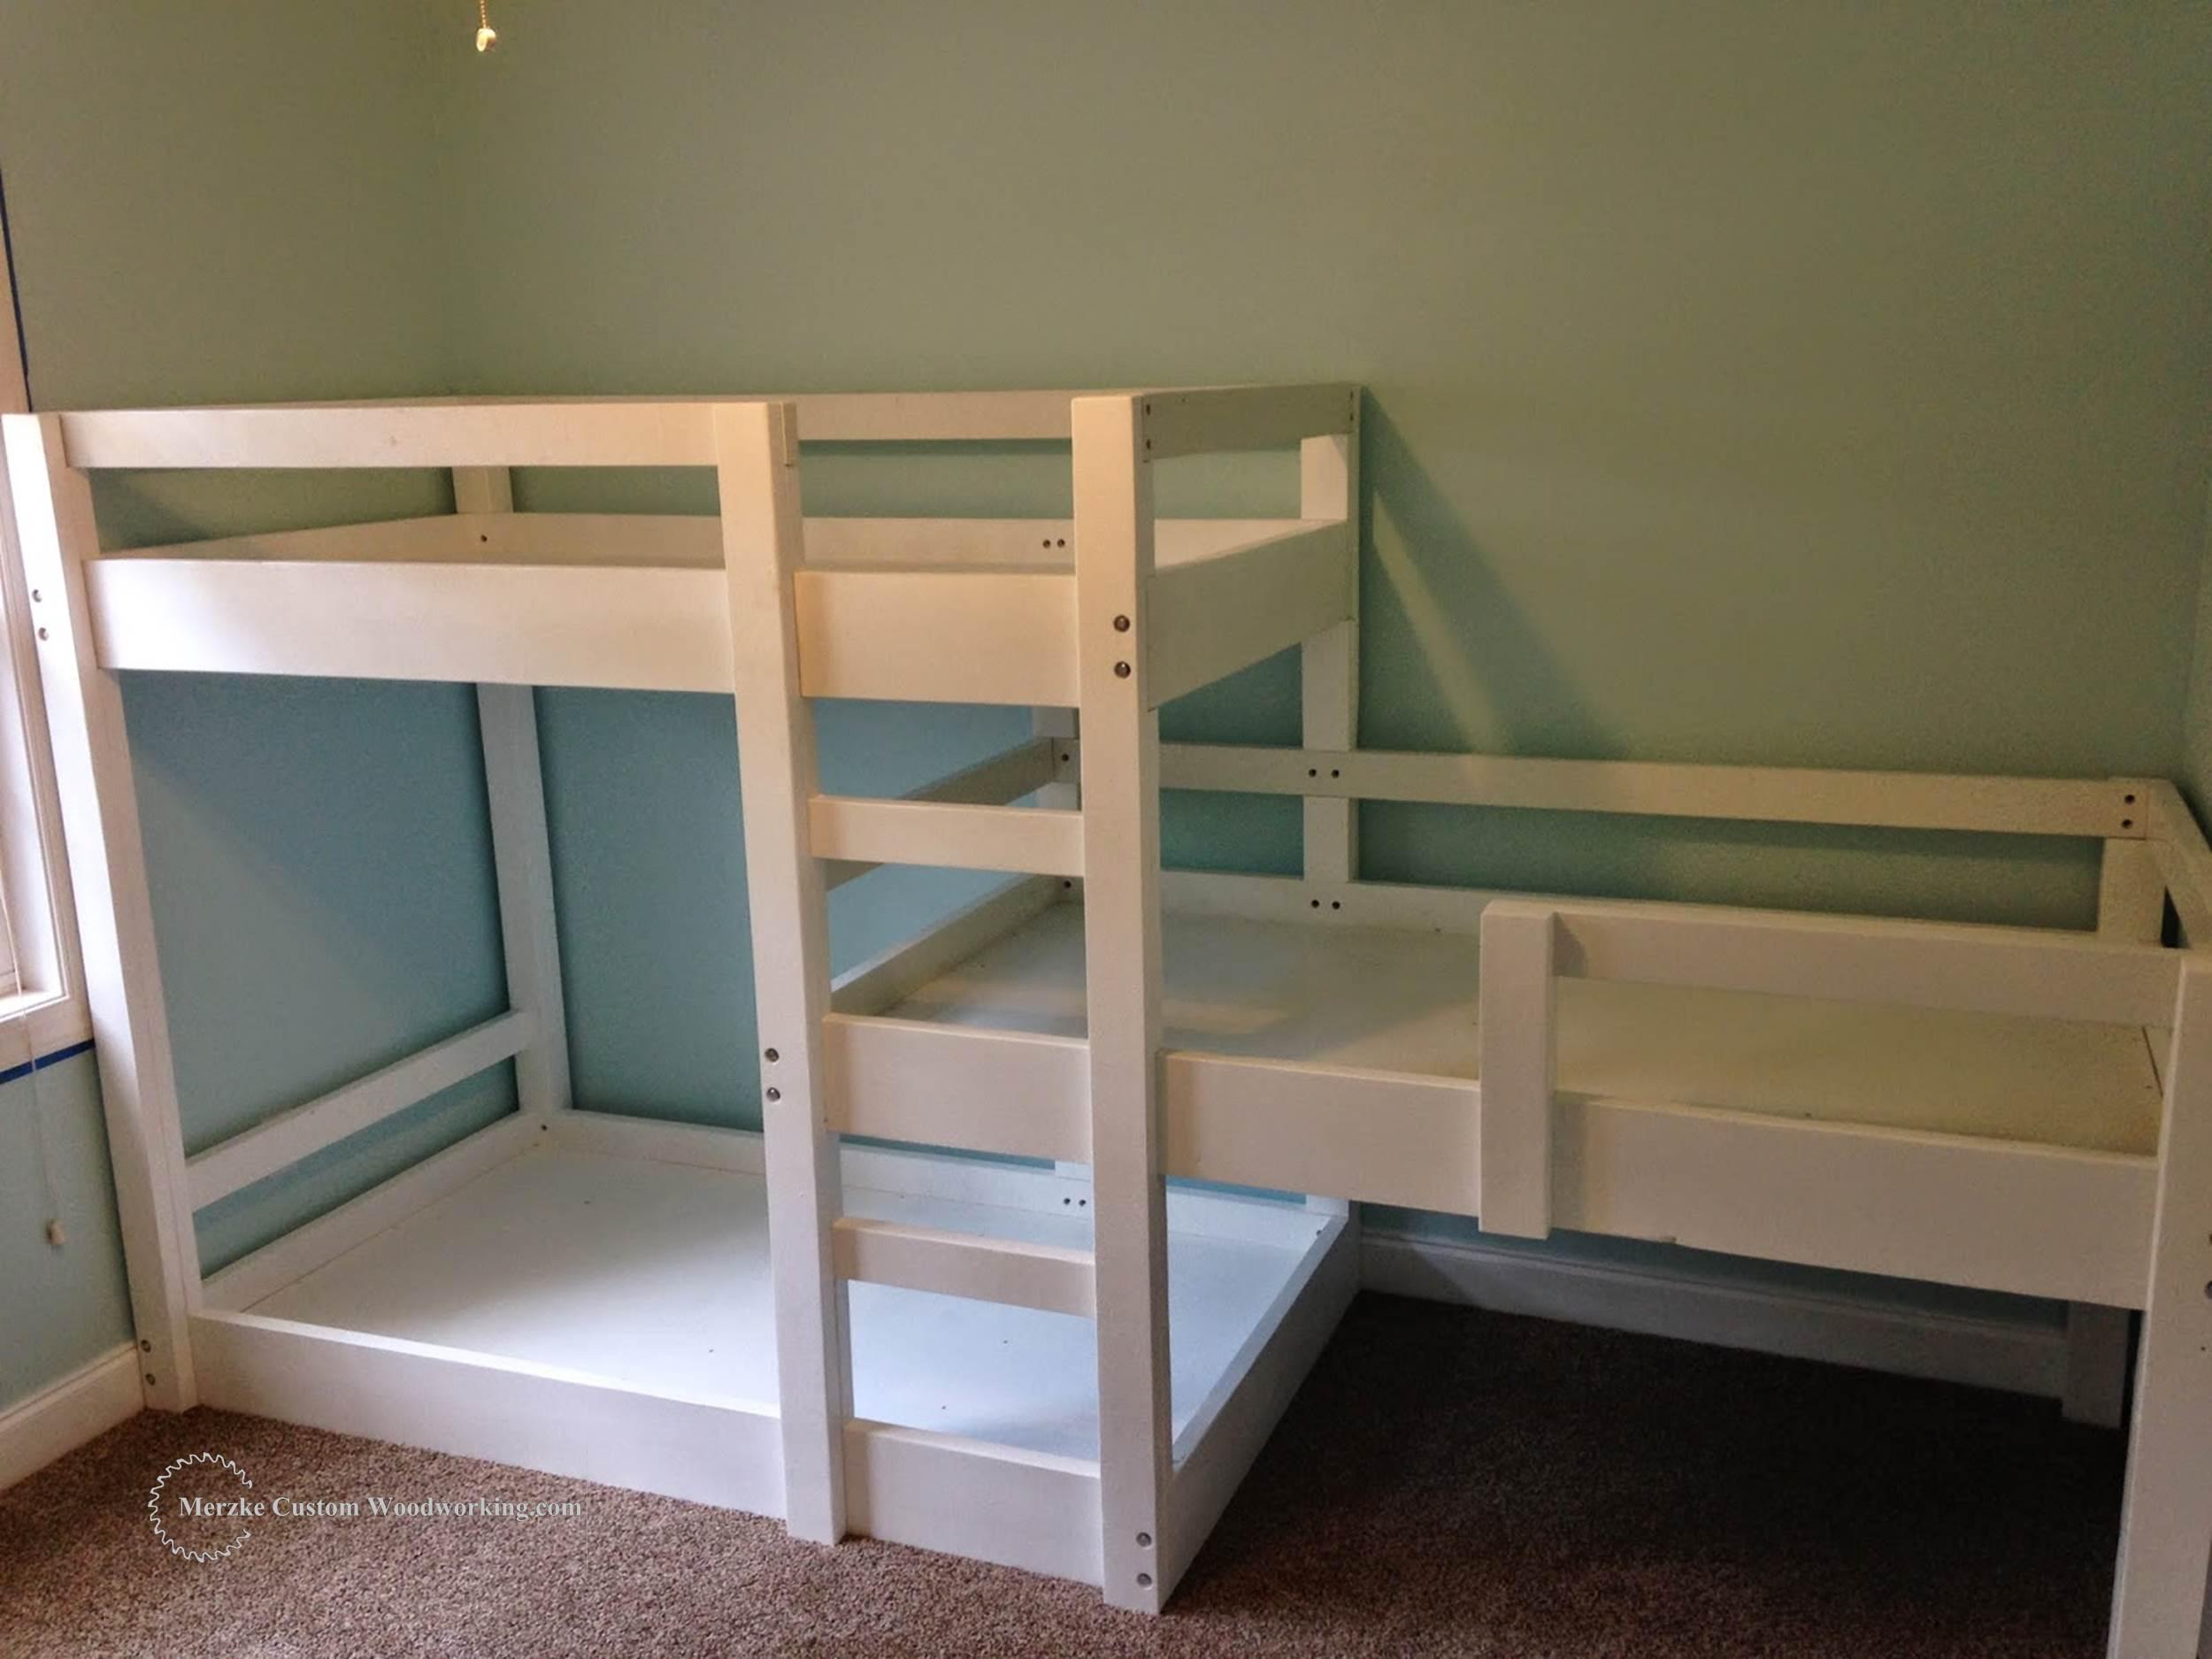 Triple Bunk Bed Merzke Custom Woodworking